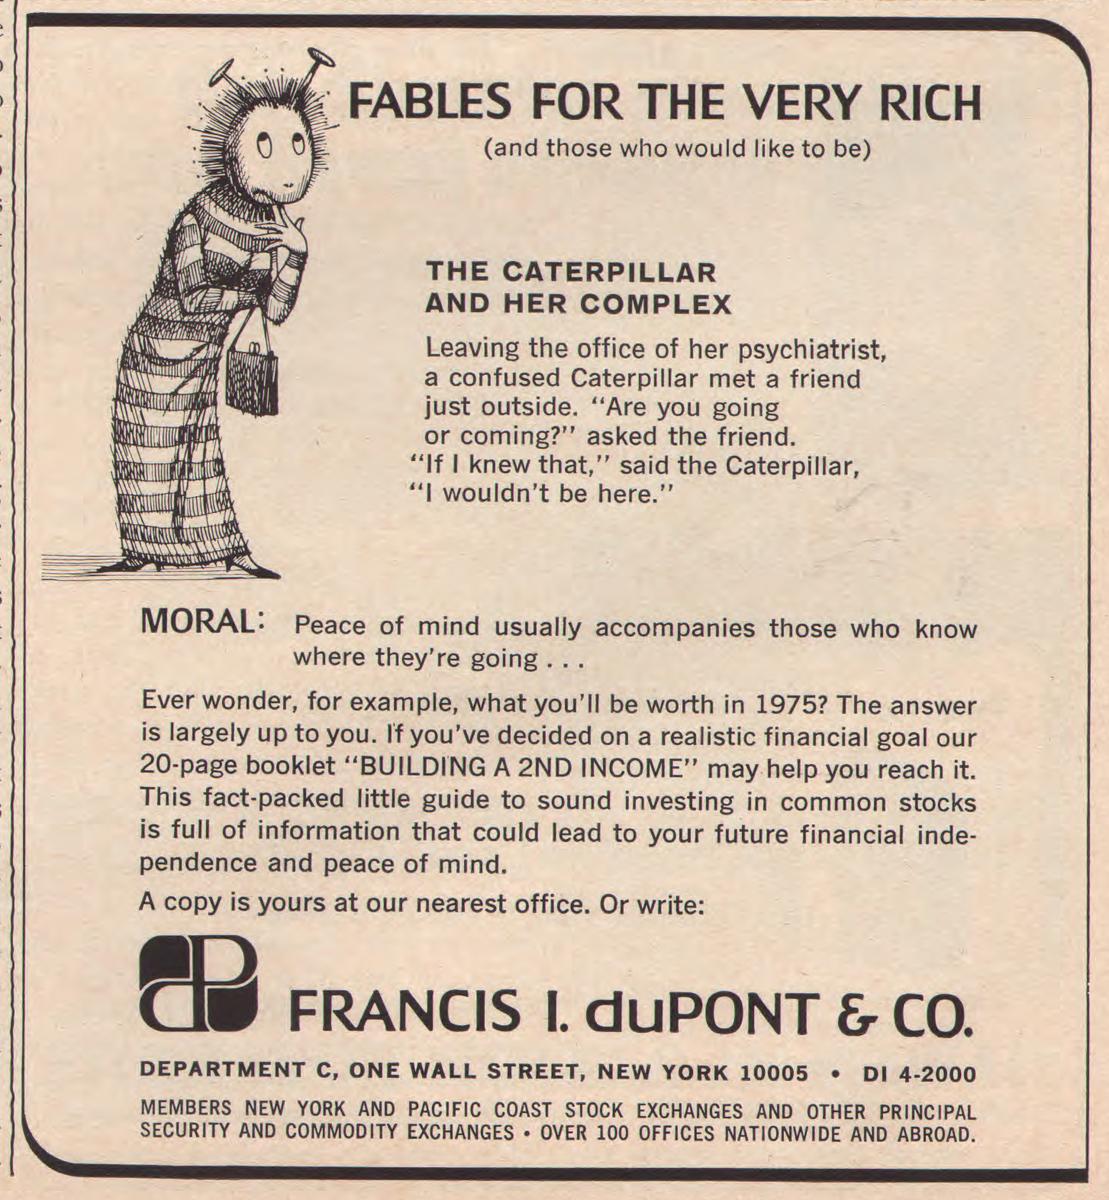 http://neptune.it.luc.edu/gorey/New Yorker February 1965.jpg